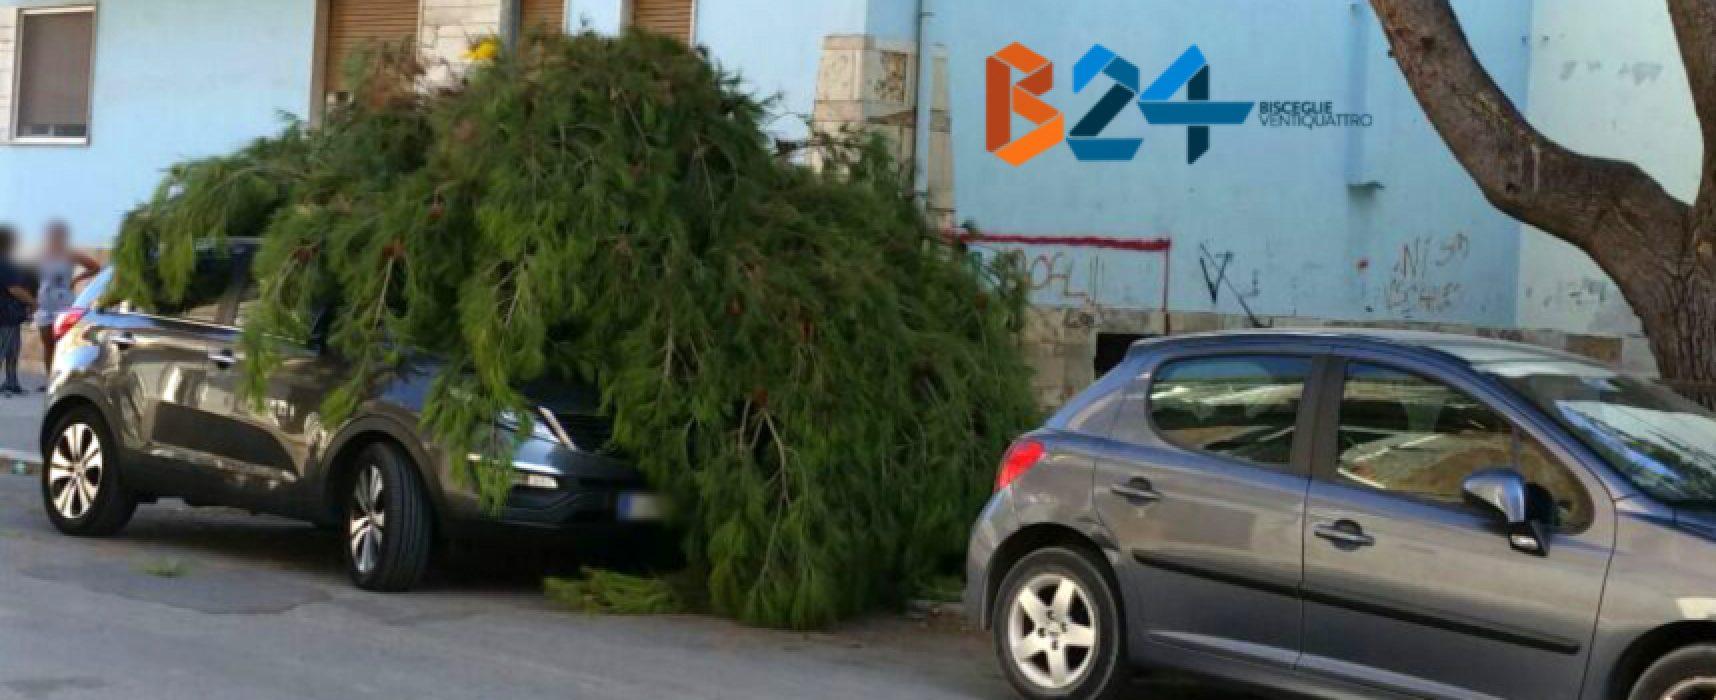 Grosso ramo di pino cade su autovettura in via Pascoli, nessun ferito / FOTO